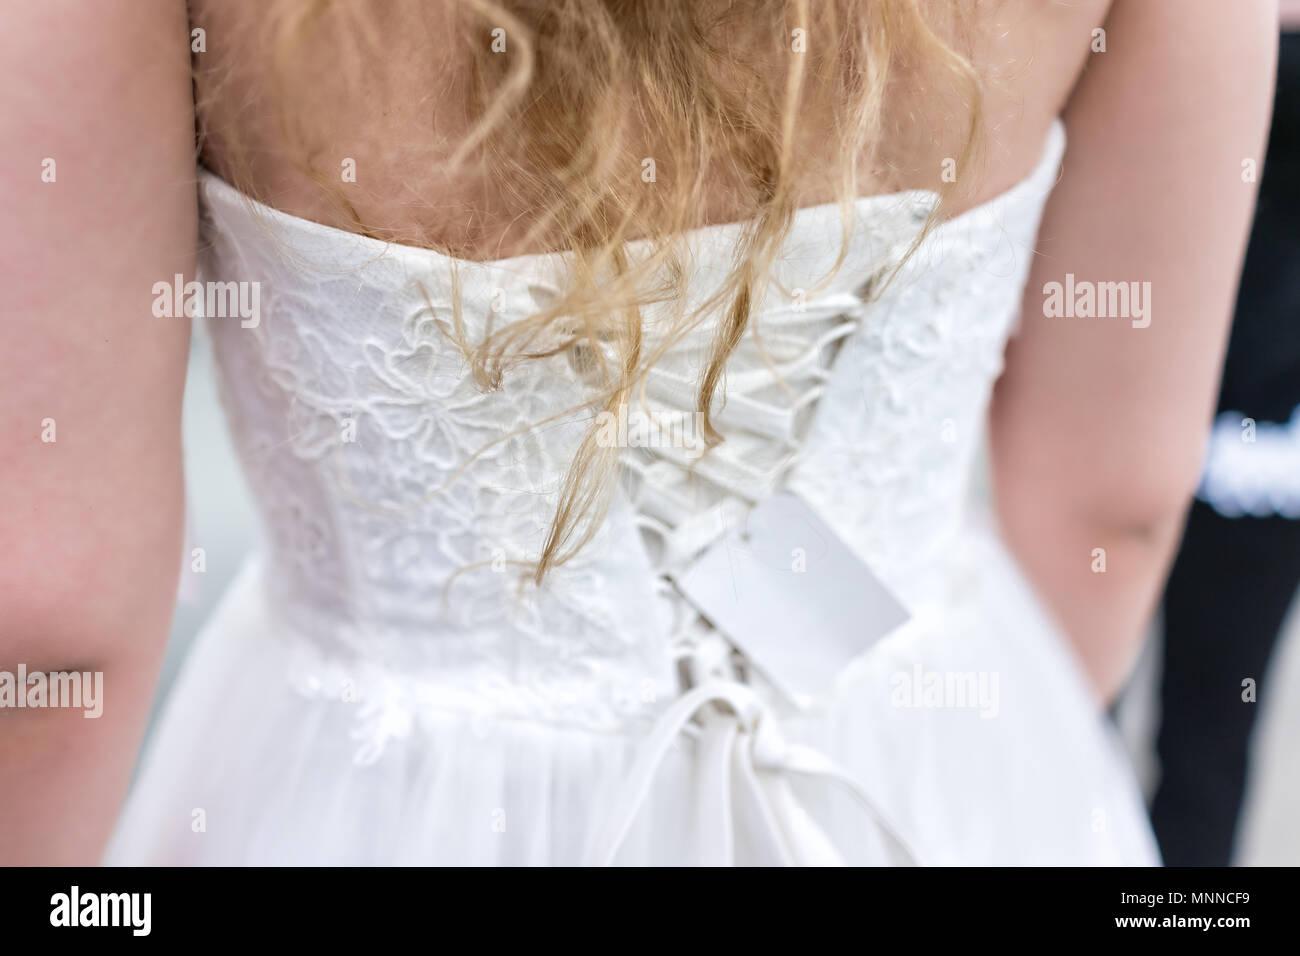 White Lace Corset Imágenes De Stock & White Lace Corset Fotos De ...